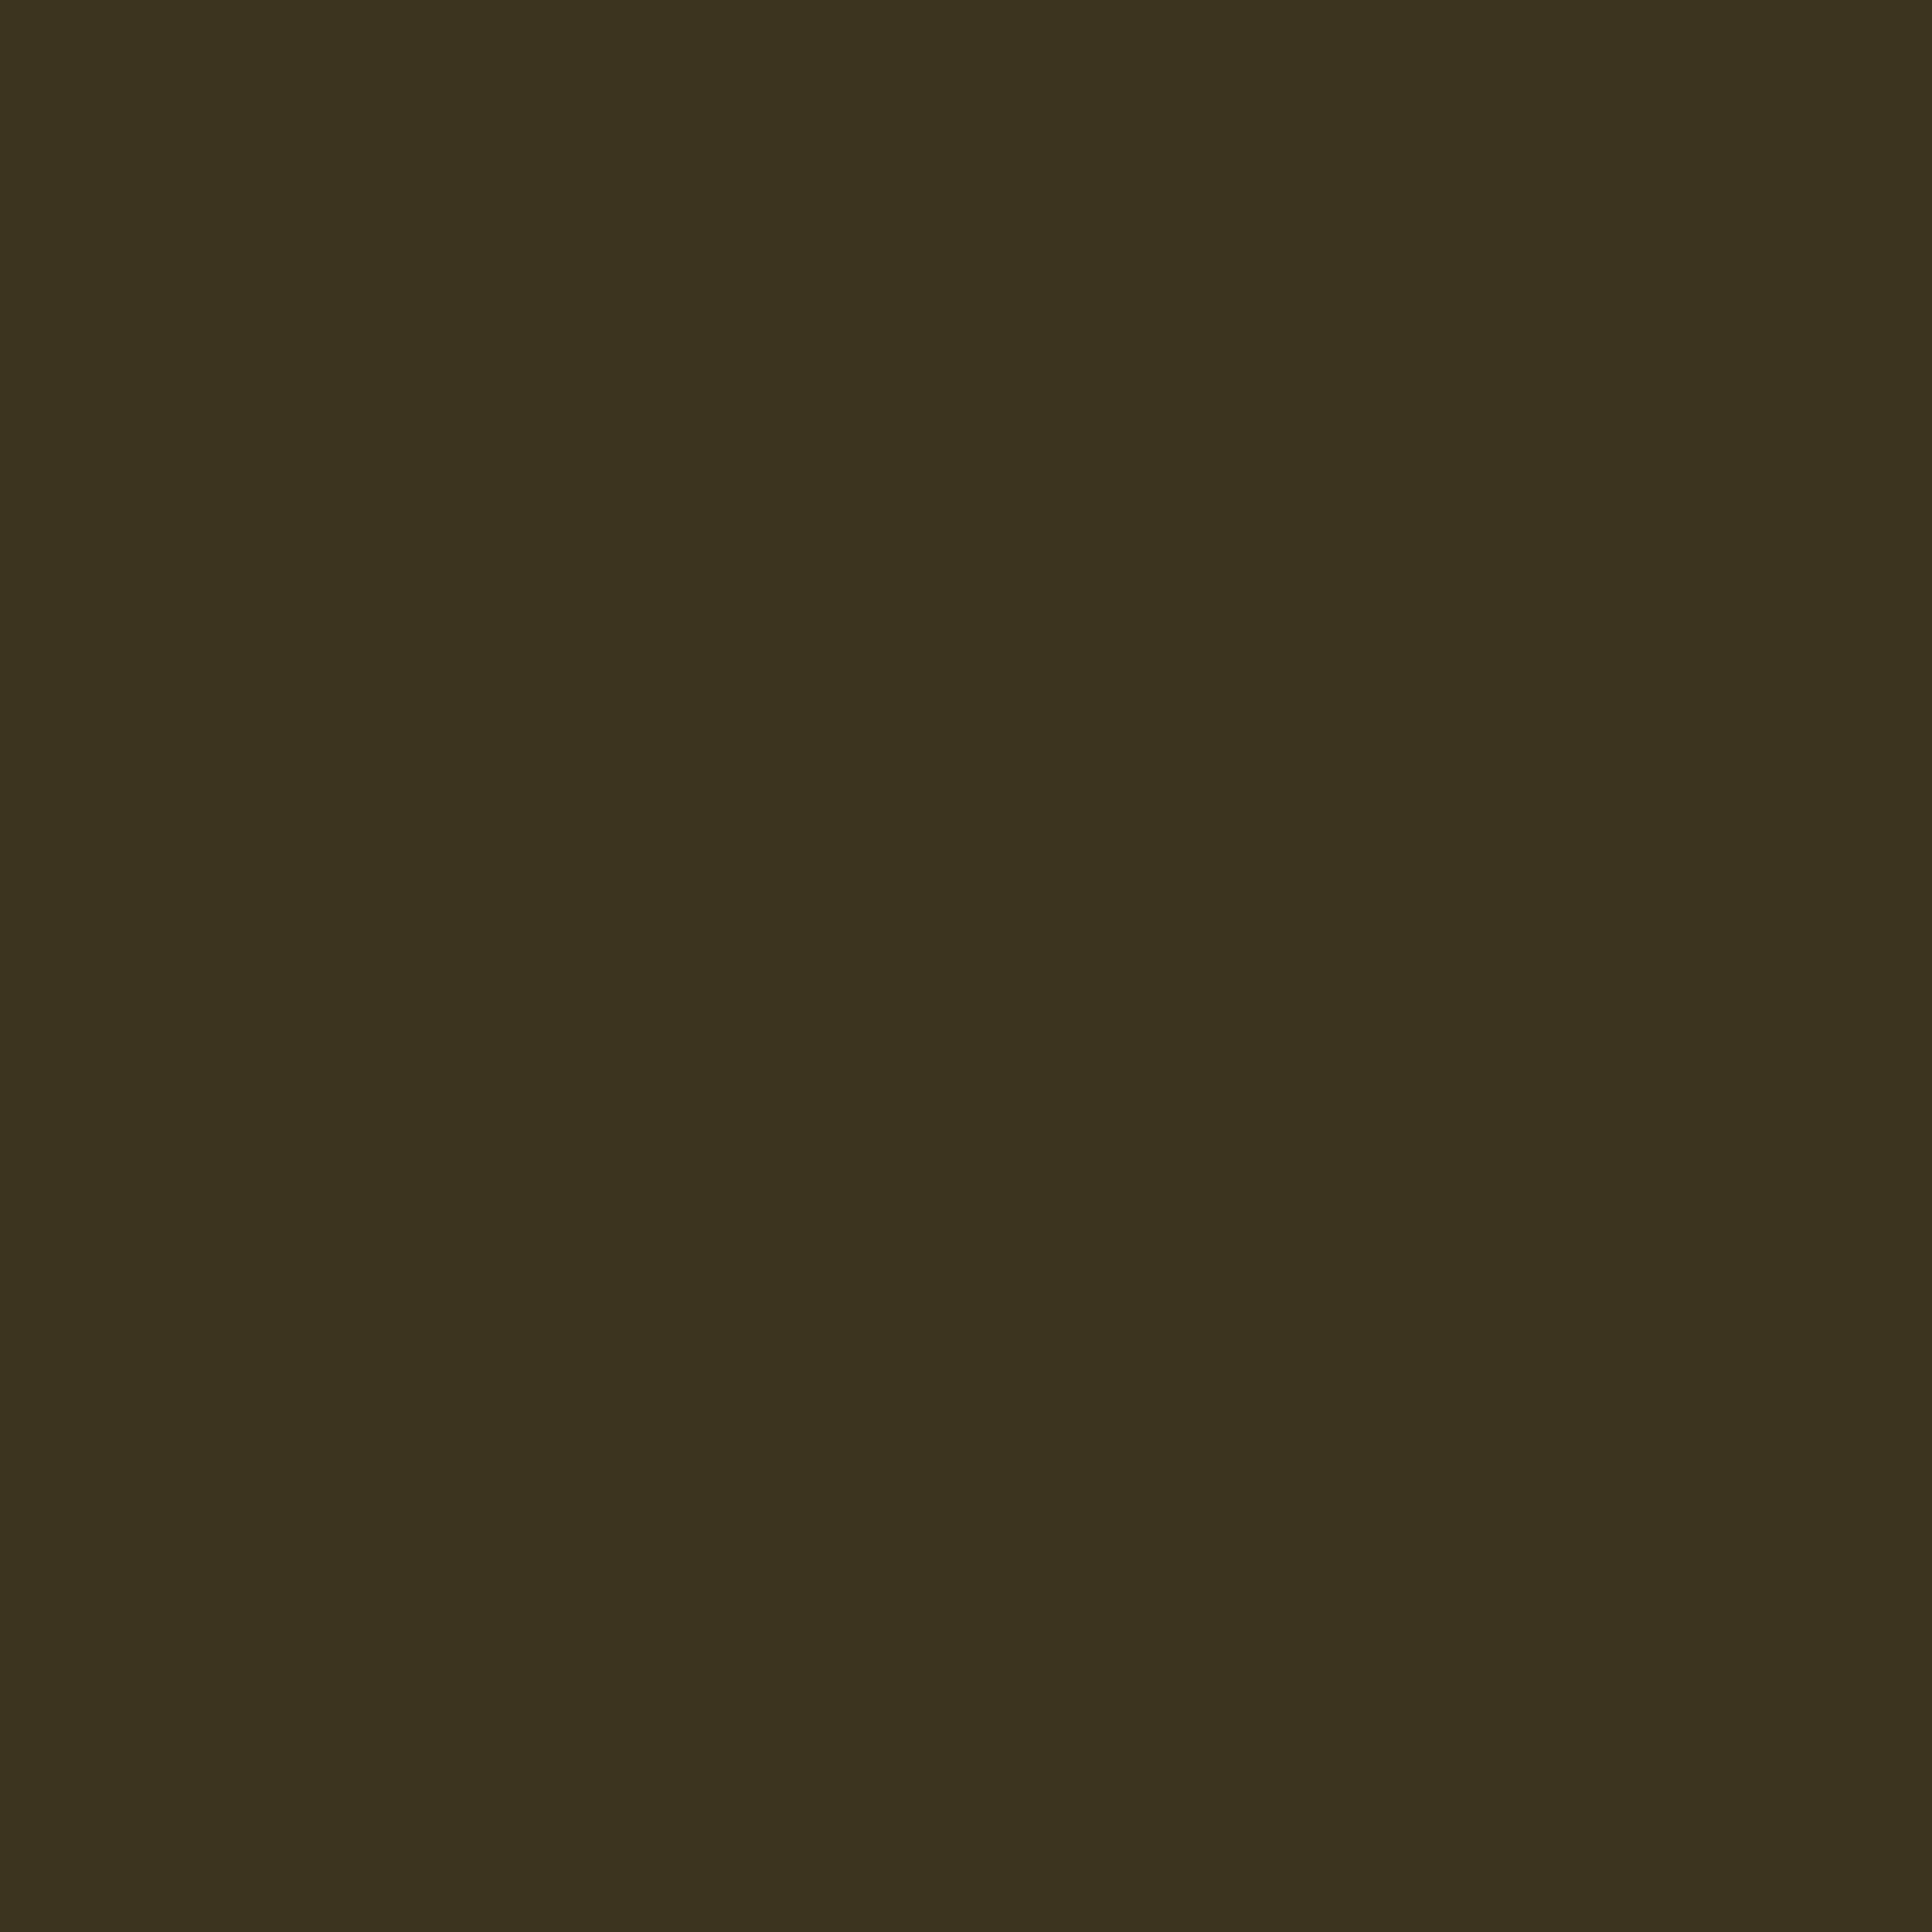 2048x2048 Olive Drab Number Seven Solid Color Background